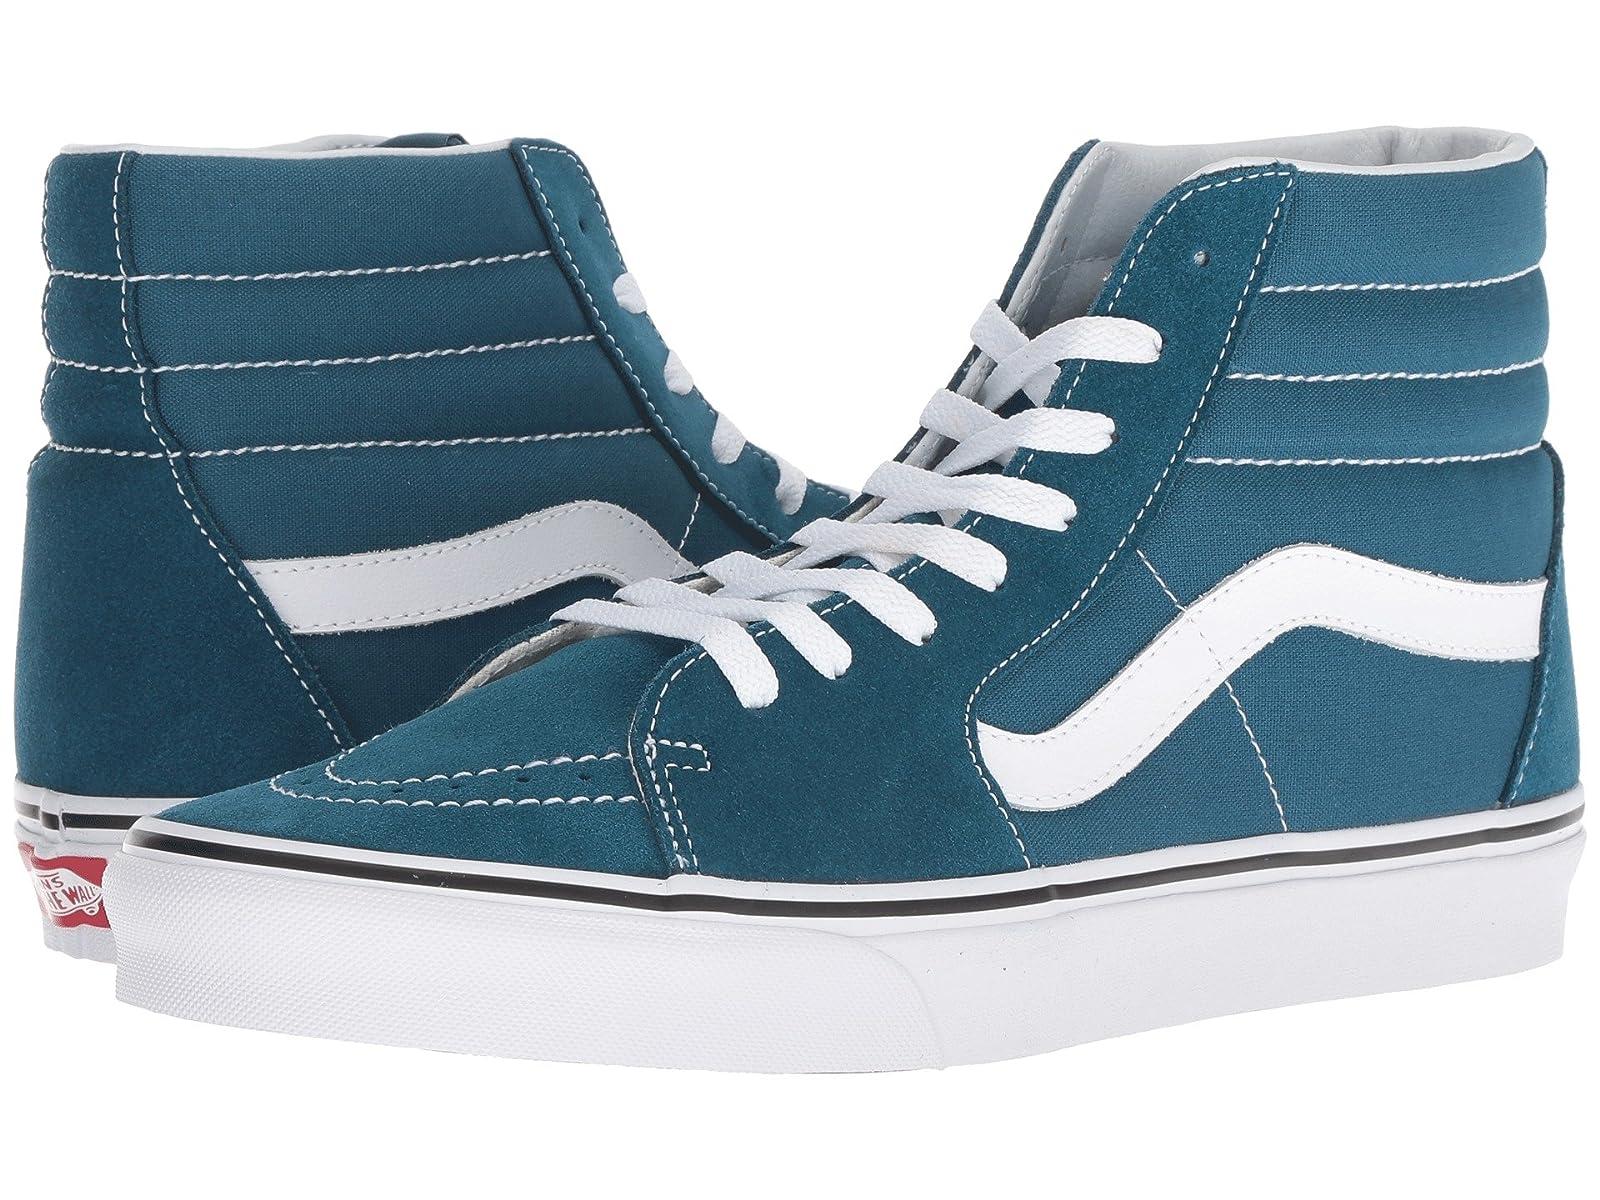 Vans SK8-Hi™Atmospheric grades have affordable shoes